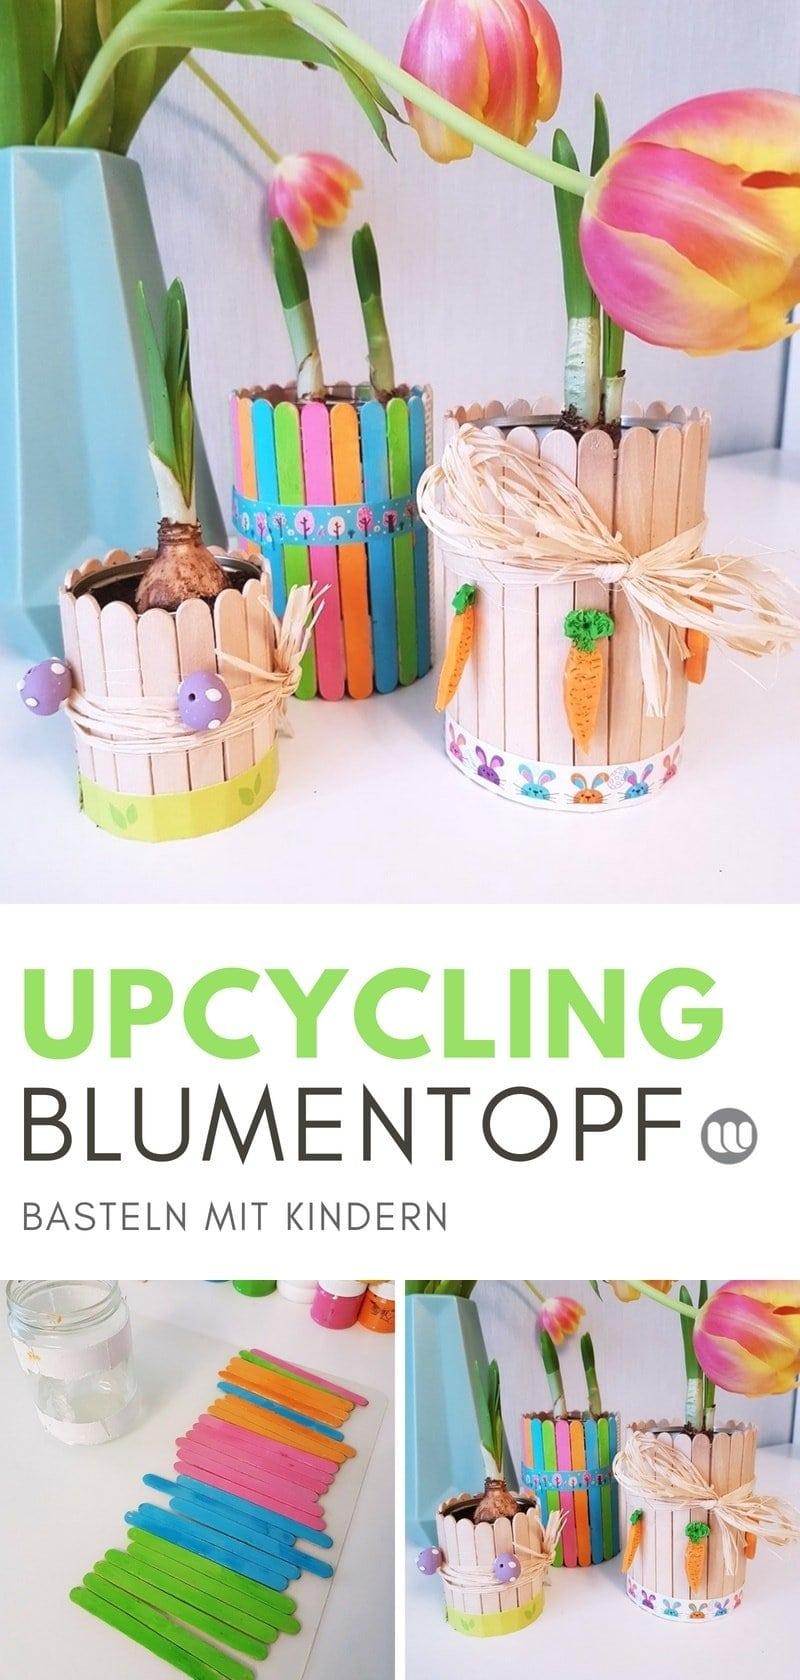 Blumentopf Upcycling: Bastelidee für Kinder mit Eisstielen #Frühling #basteln #Blumen